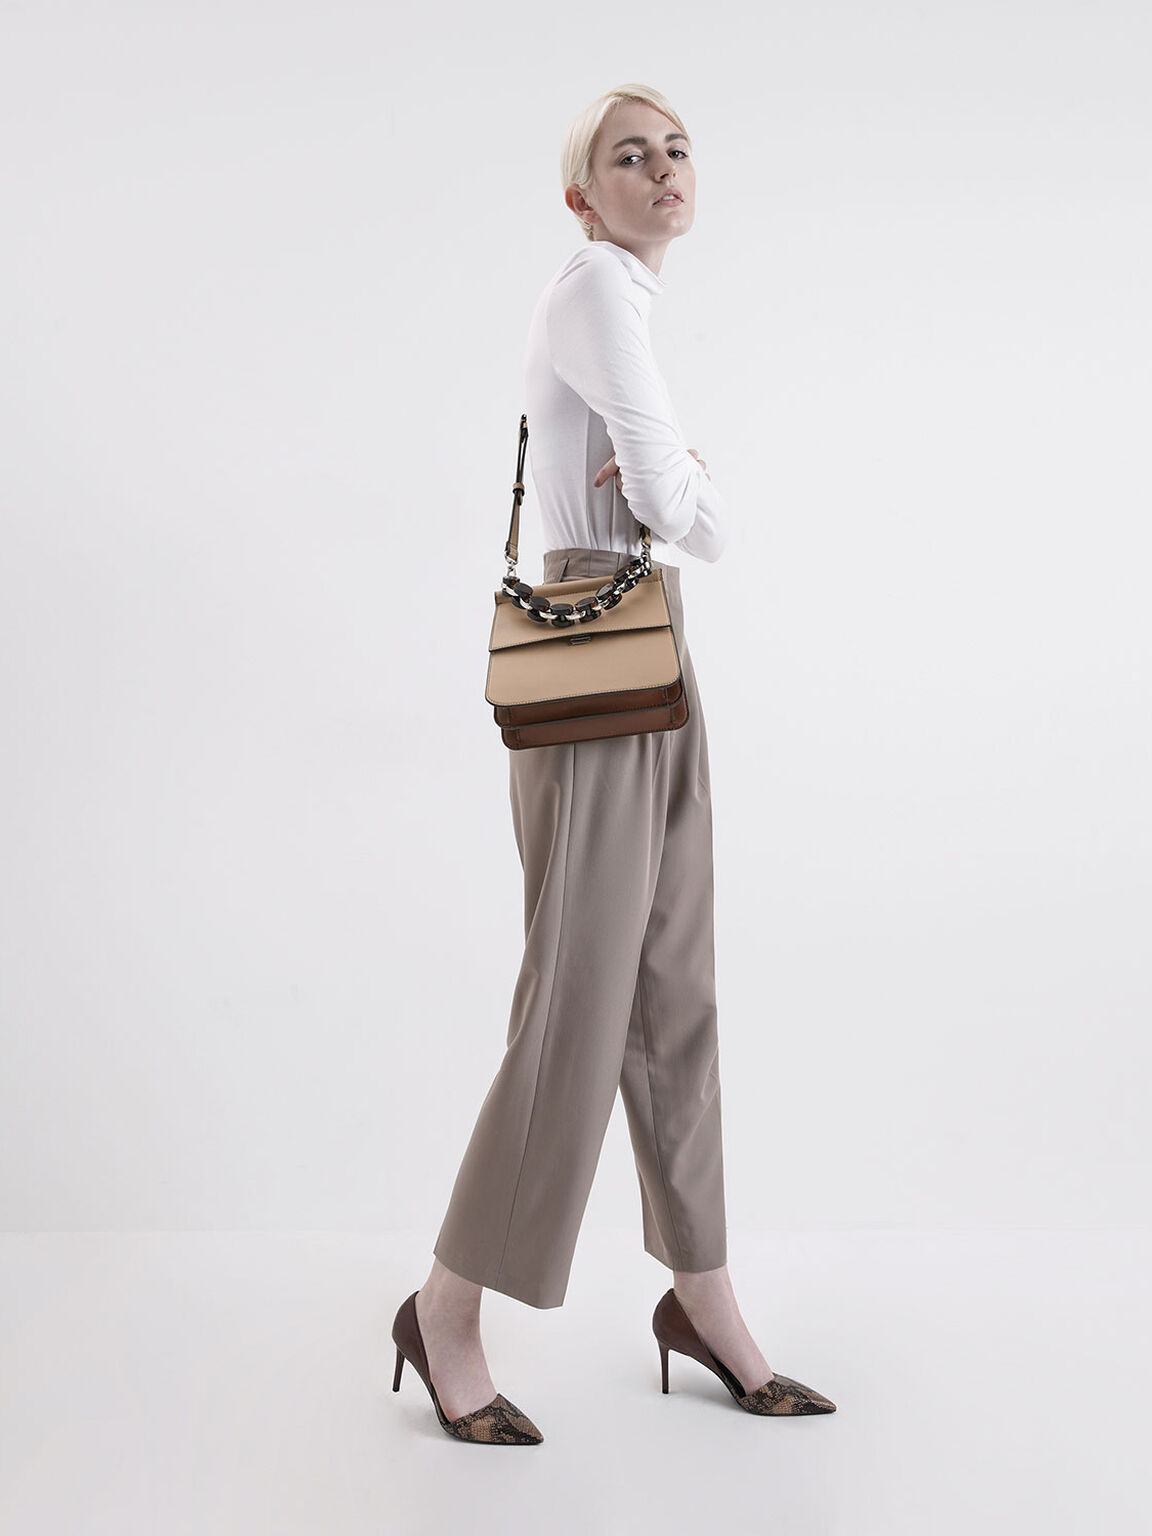 Acrylic Tortoiseshell Top Handle Bag, Beige, hi-res